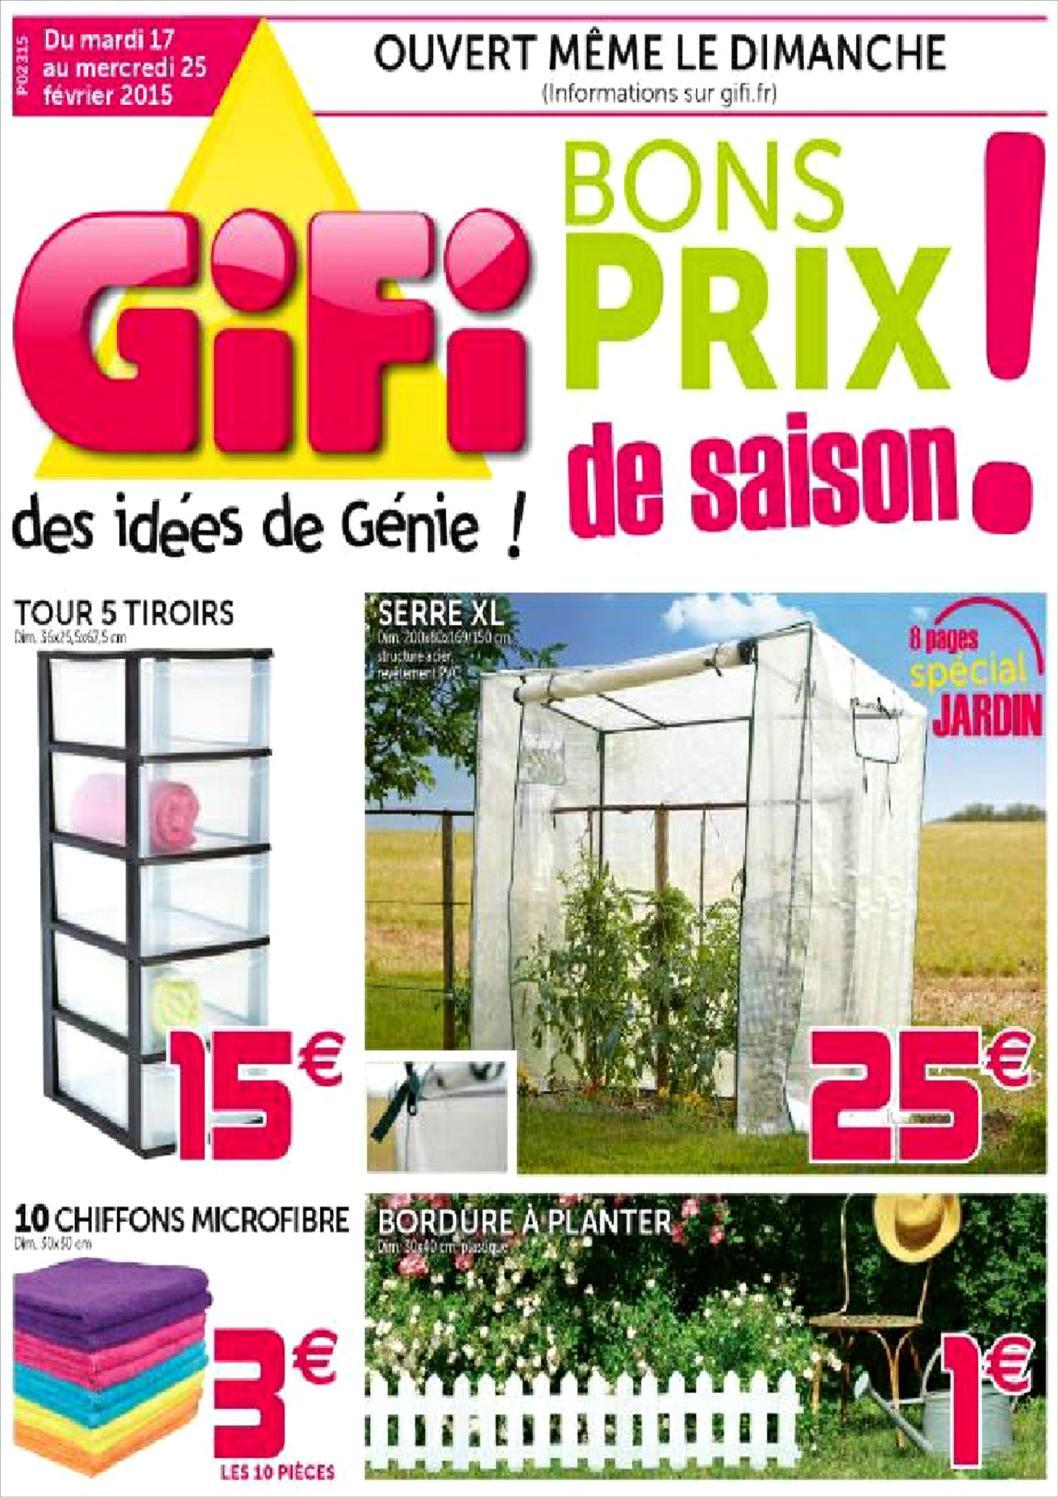 Gifi Valabledu18022015Au25022015 By Jan Deo - Issuu intérieur Idée De Génie Jardin